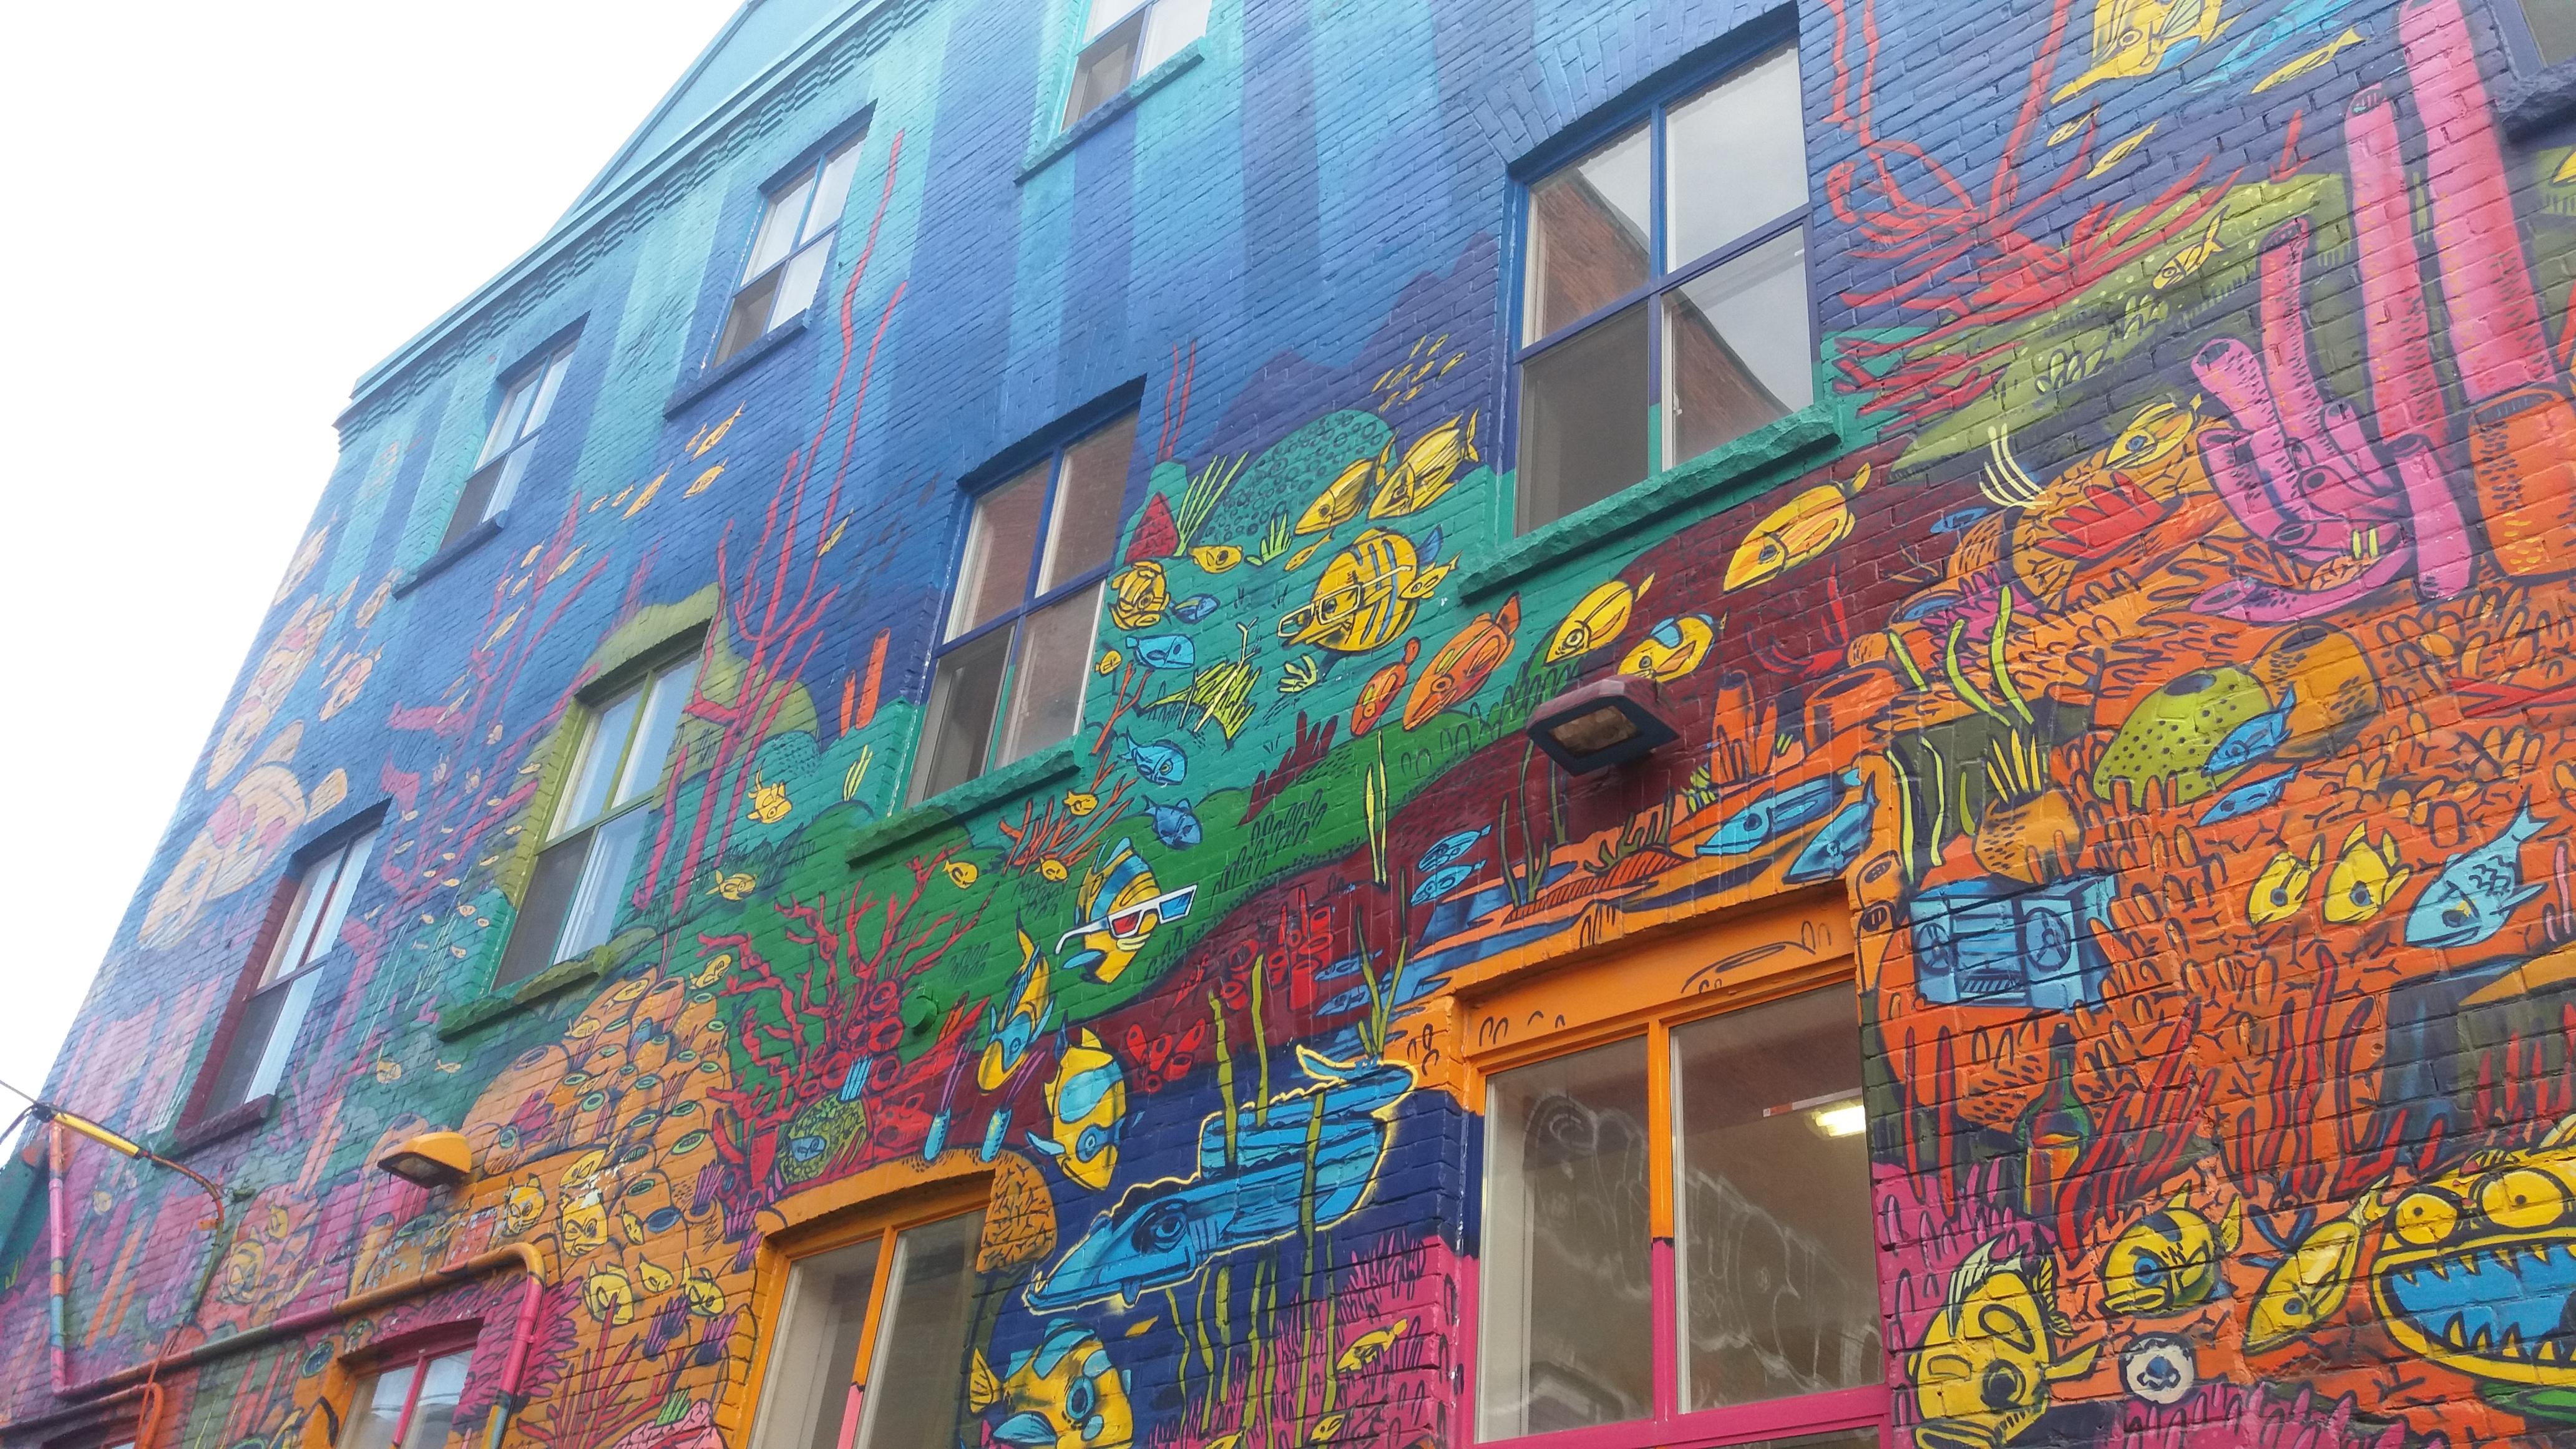 Arte Urbana Em Toronto: Graffiti Alley